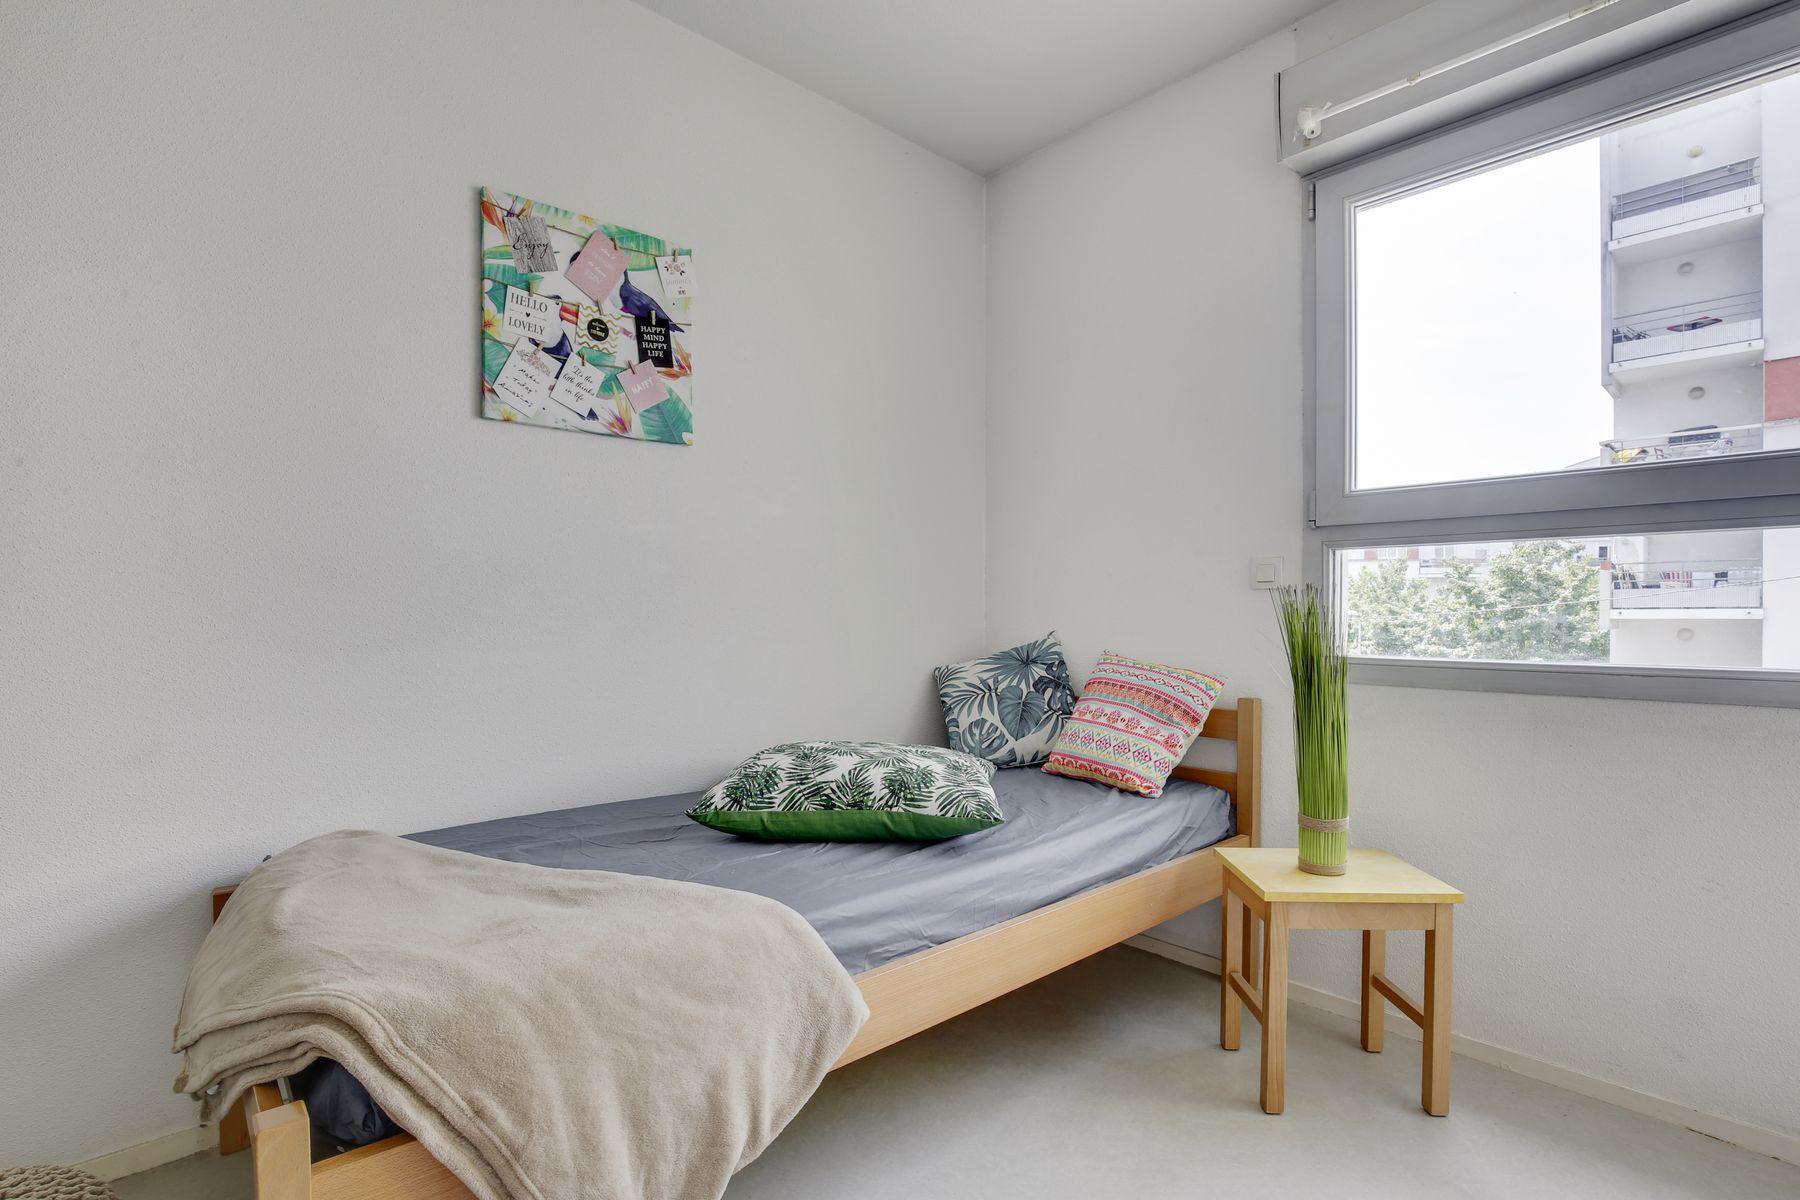 LOGIFAC résidence étudiante Léo Ferré Orly lit